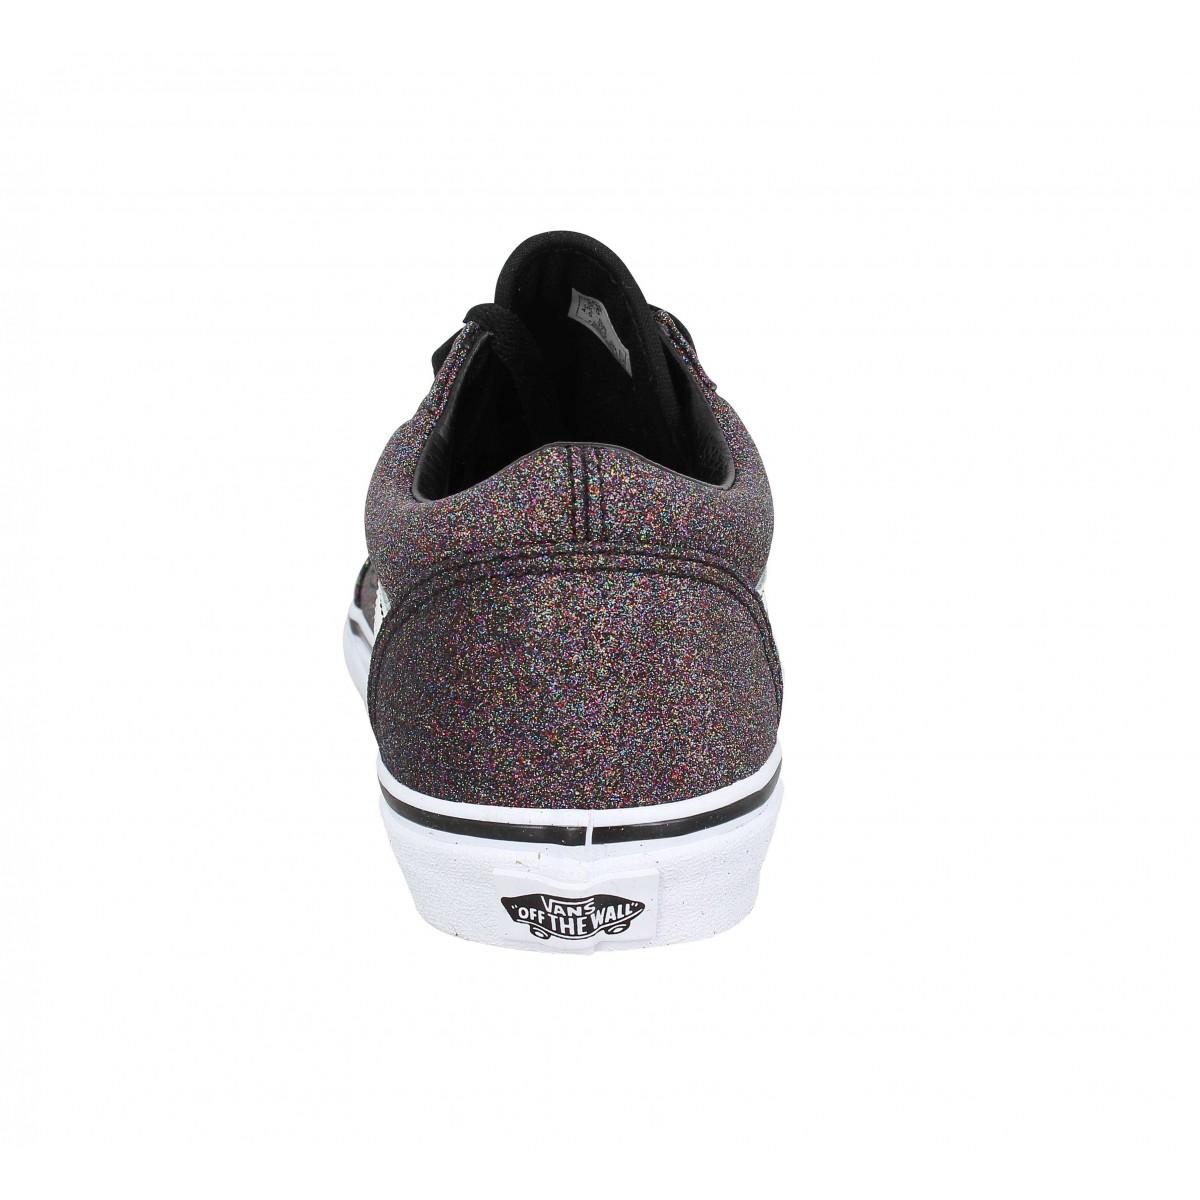 Vans old skool glitter femme noir femme   Fanny chaussures